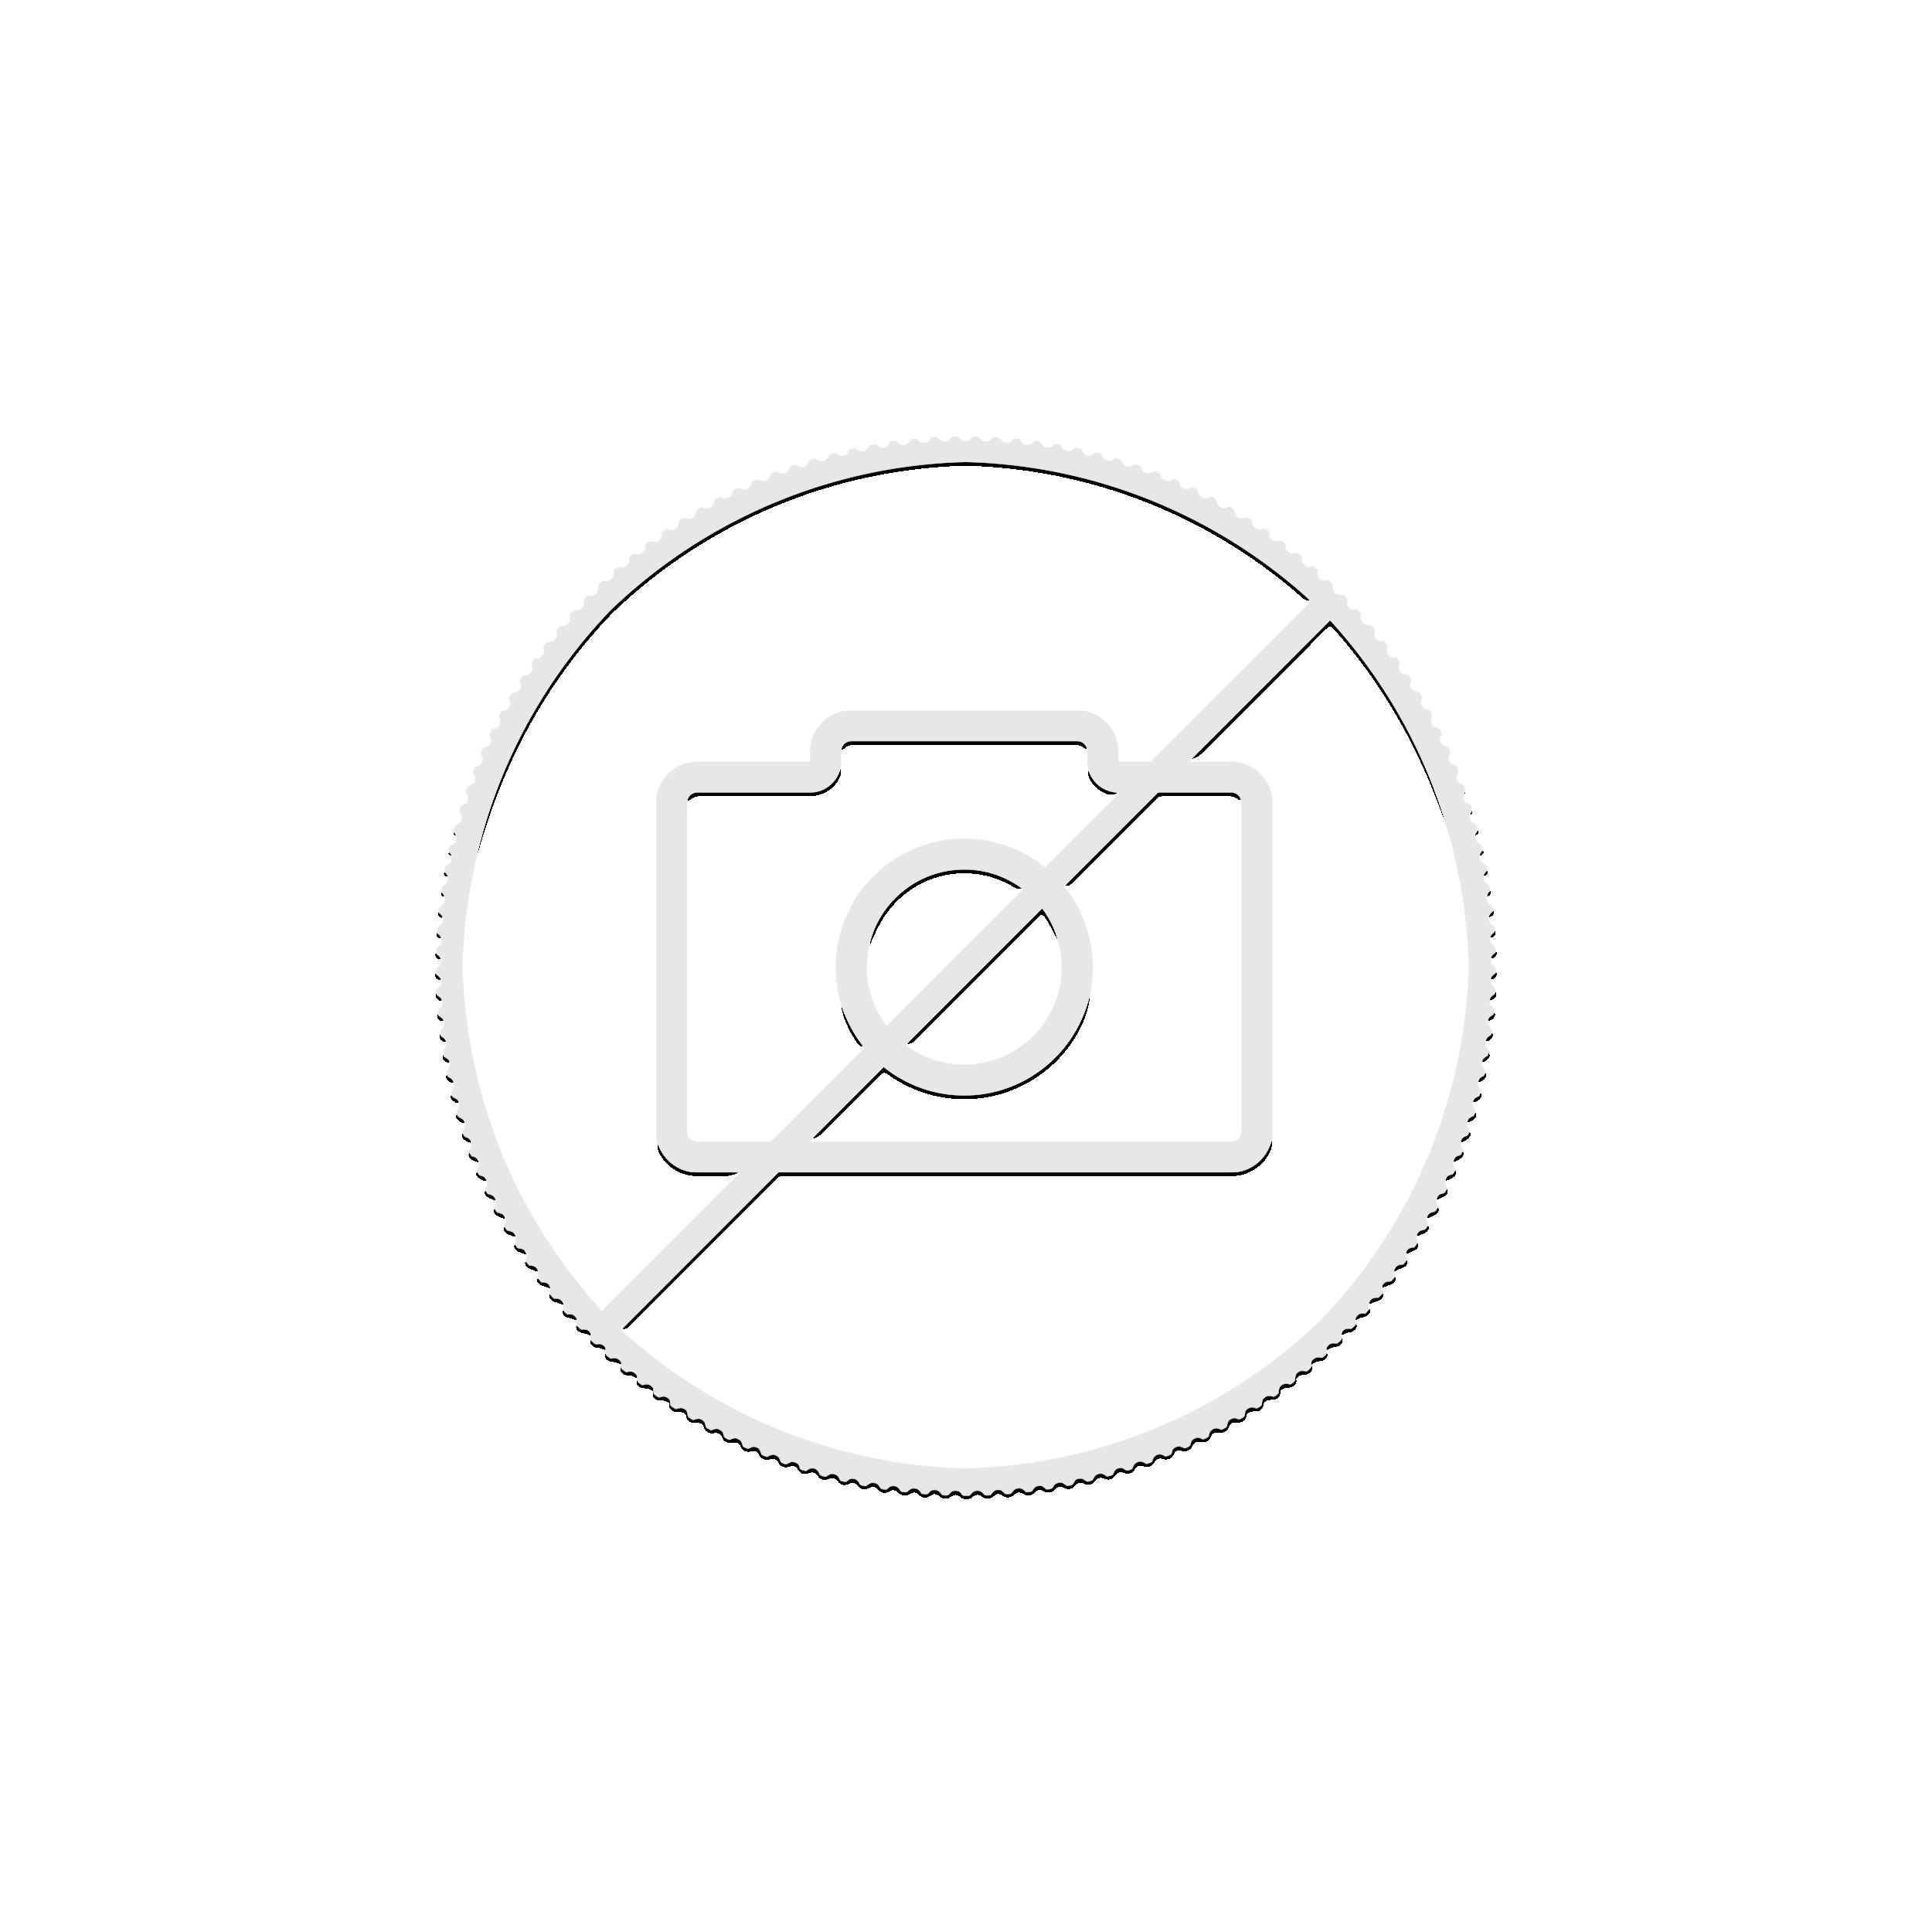 Silver Kookaburra coin 1 troy ounce 2014